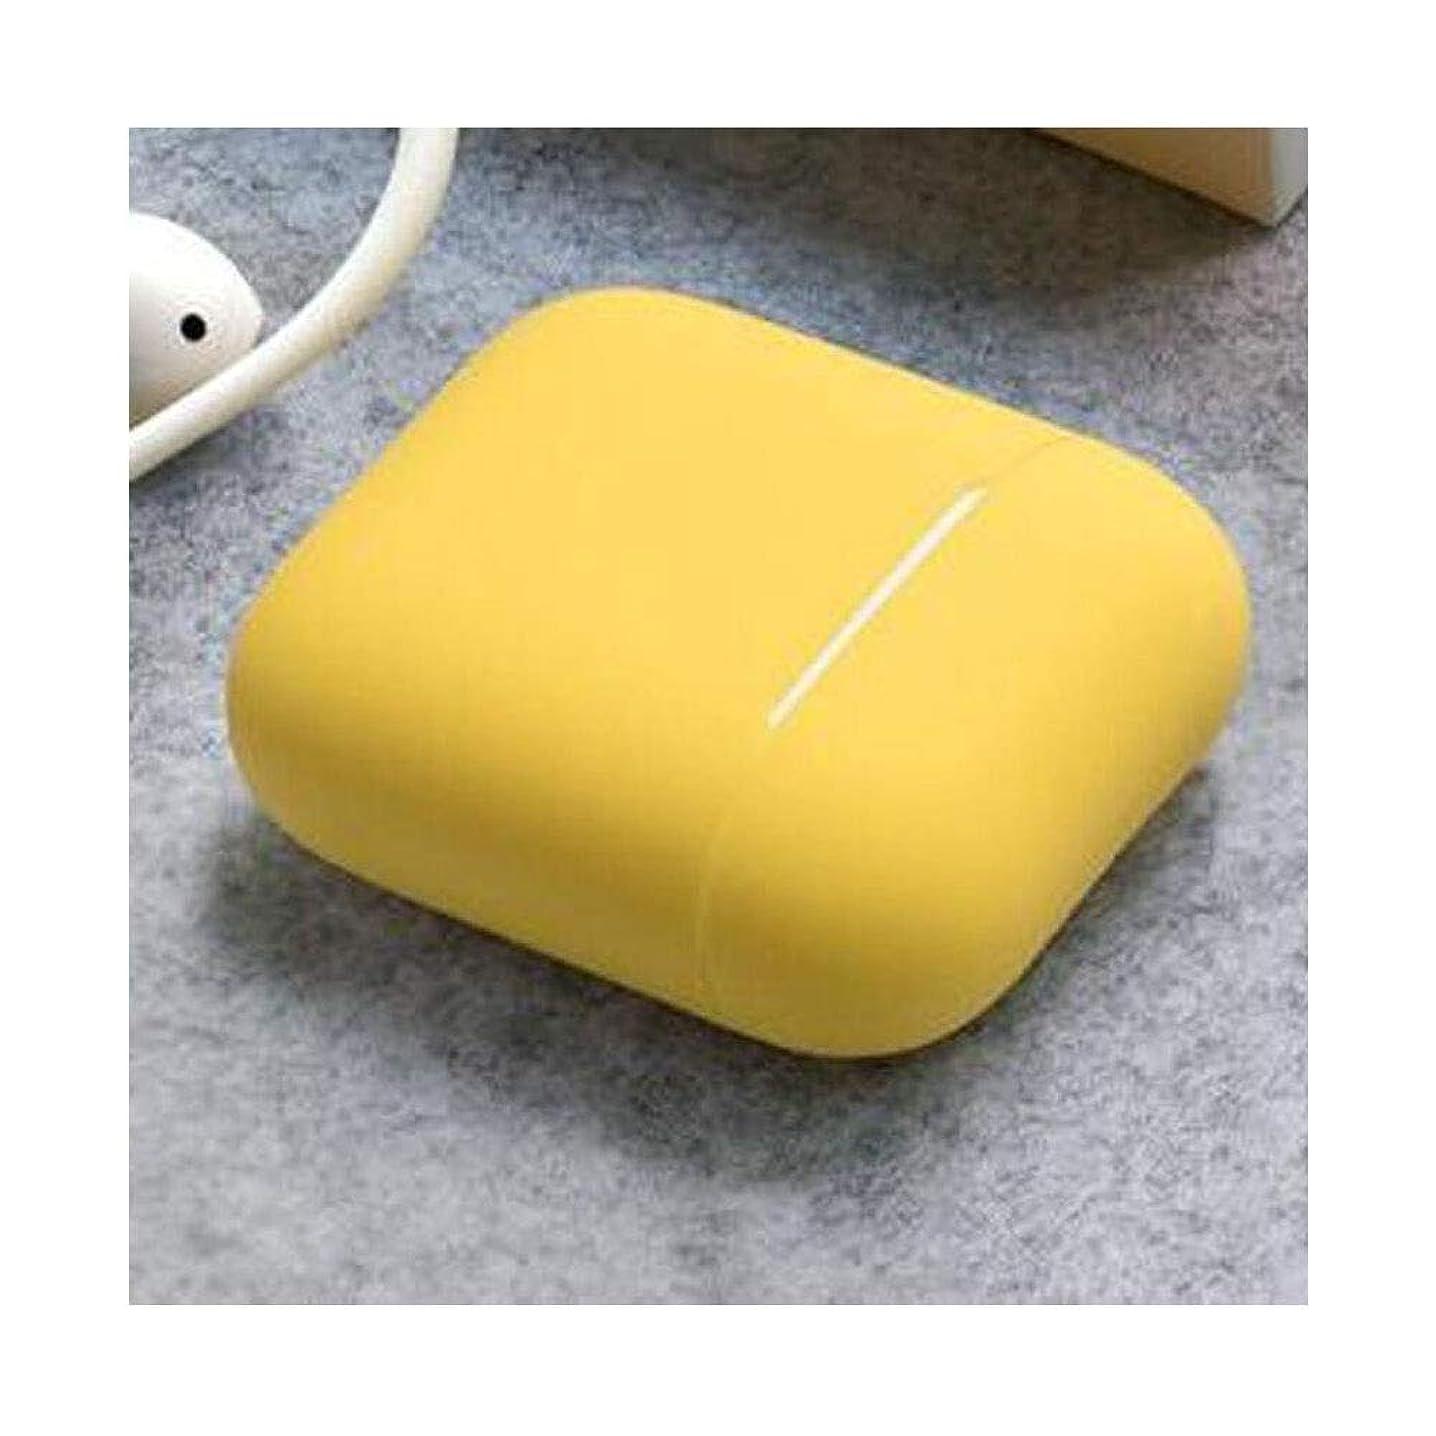 膨張するハロウィン群衆Airpodイヤホンセット、AirpodソフトシリコンワイヤレスBluetoothヘッドセット収納、1/2世代ユニバーサル、パウダー/ブルー/グリーン/イエロー (Color : Yellow)